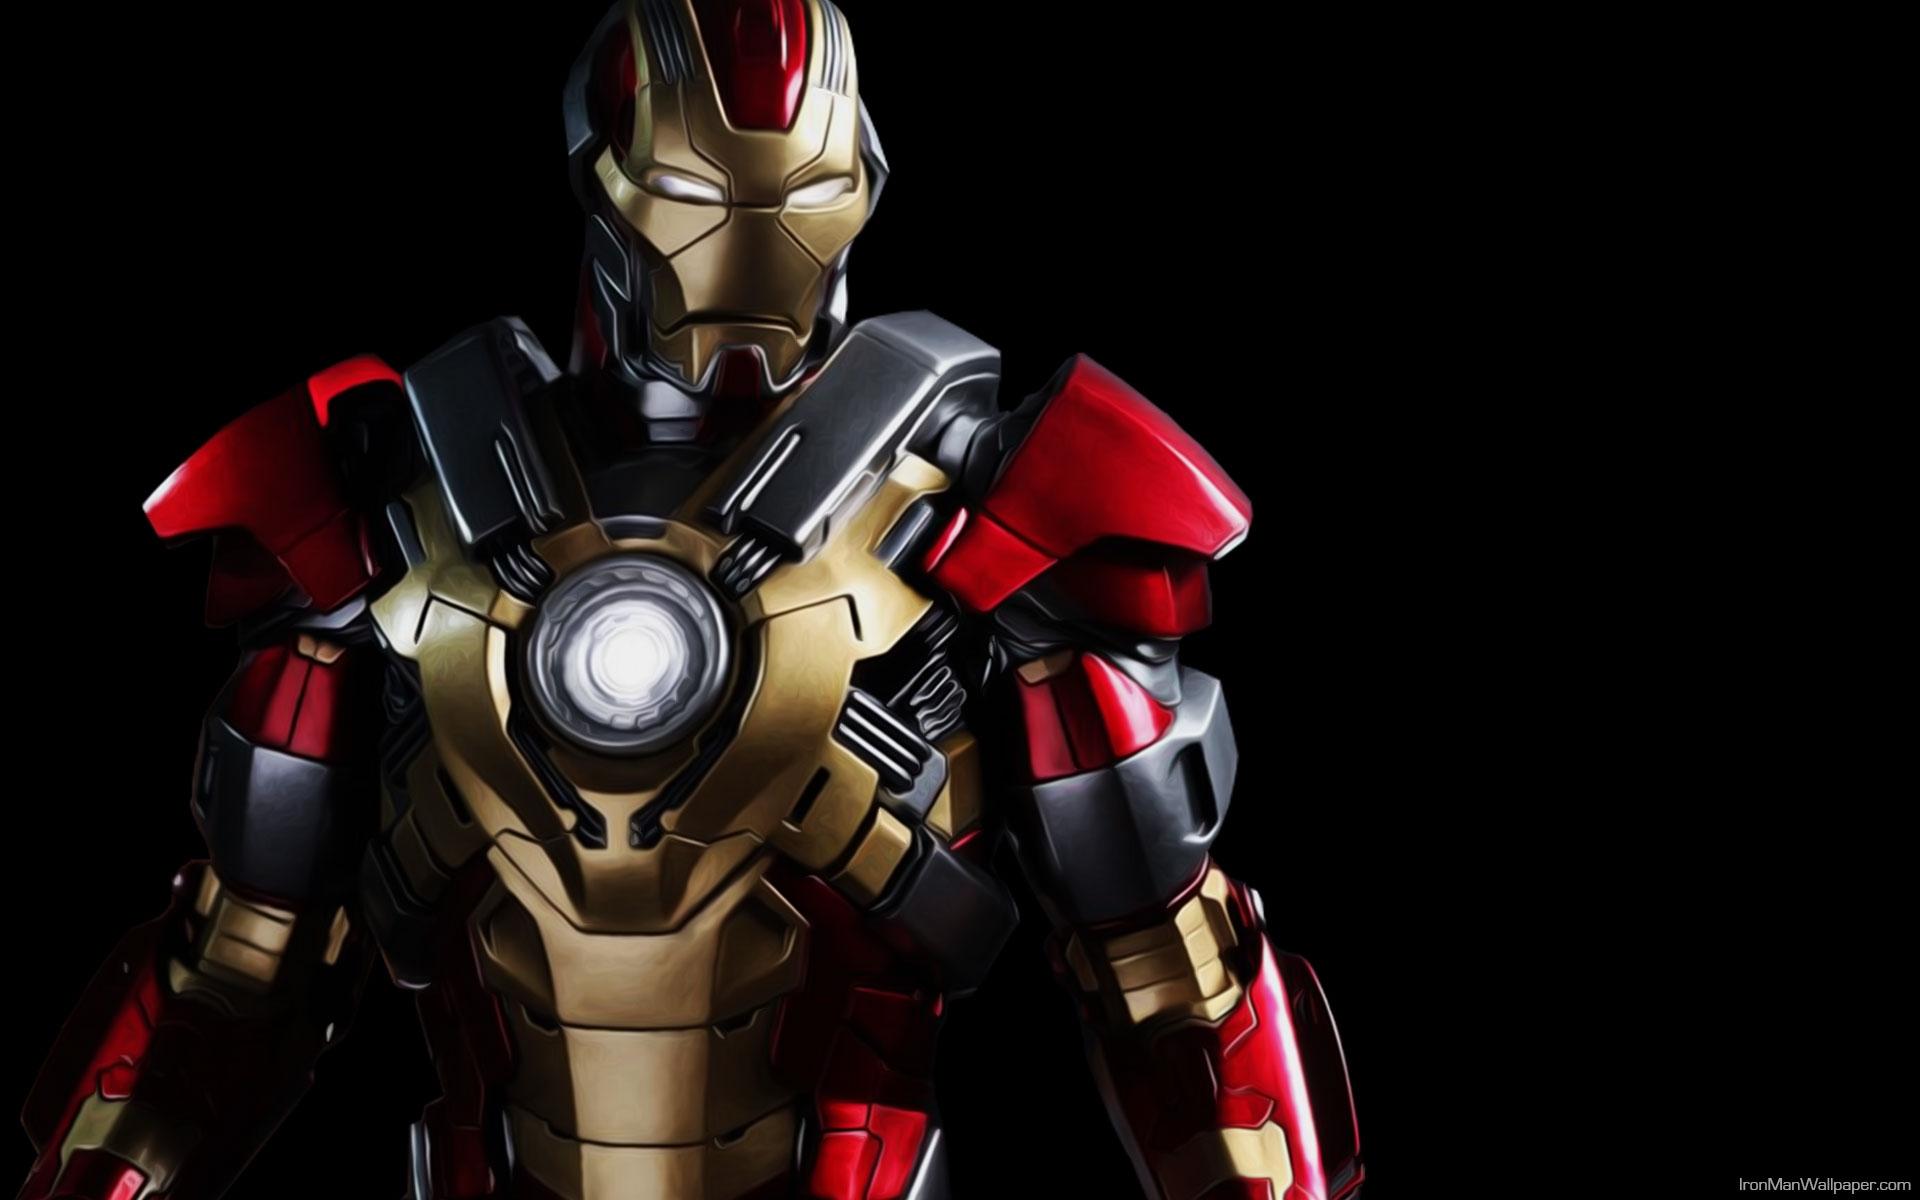 Iron Man Hd Desktop Wallpaper Widescreen High Definition 1920x1200